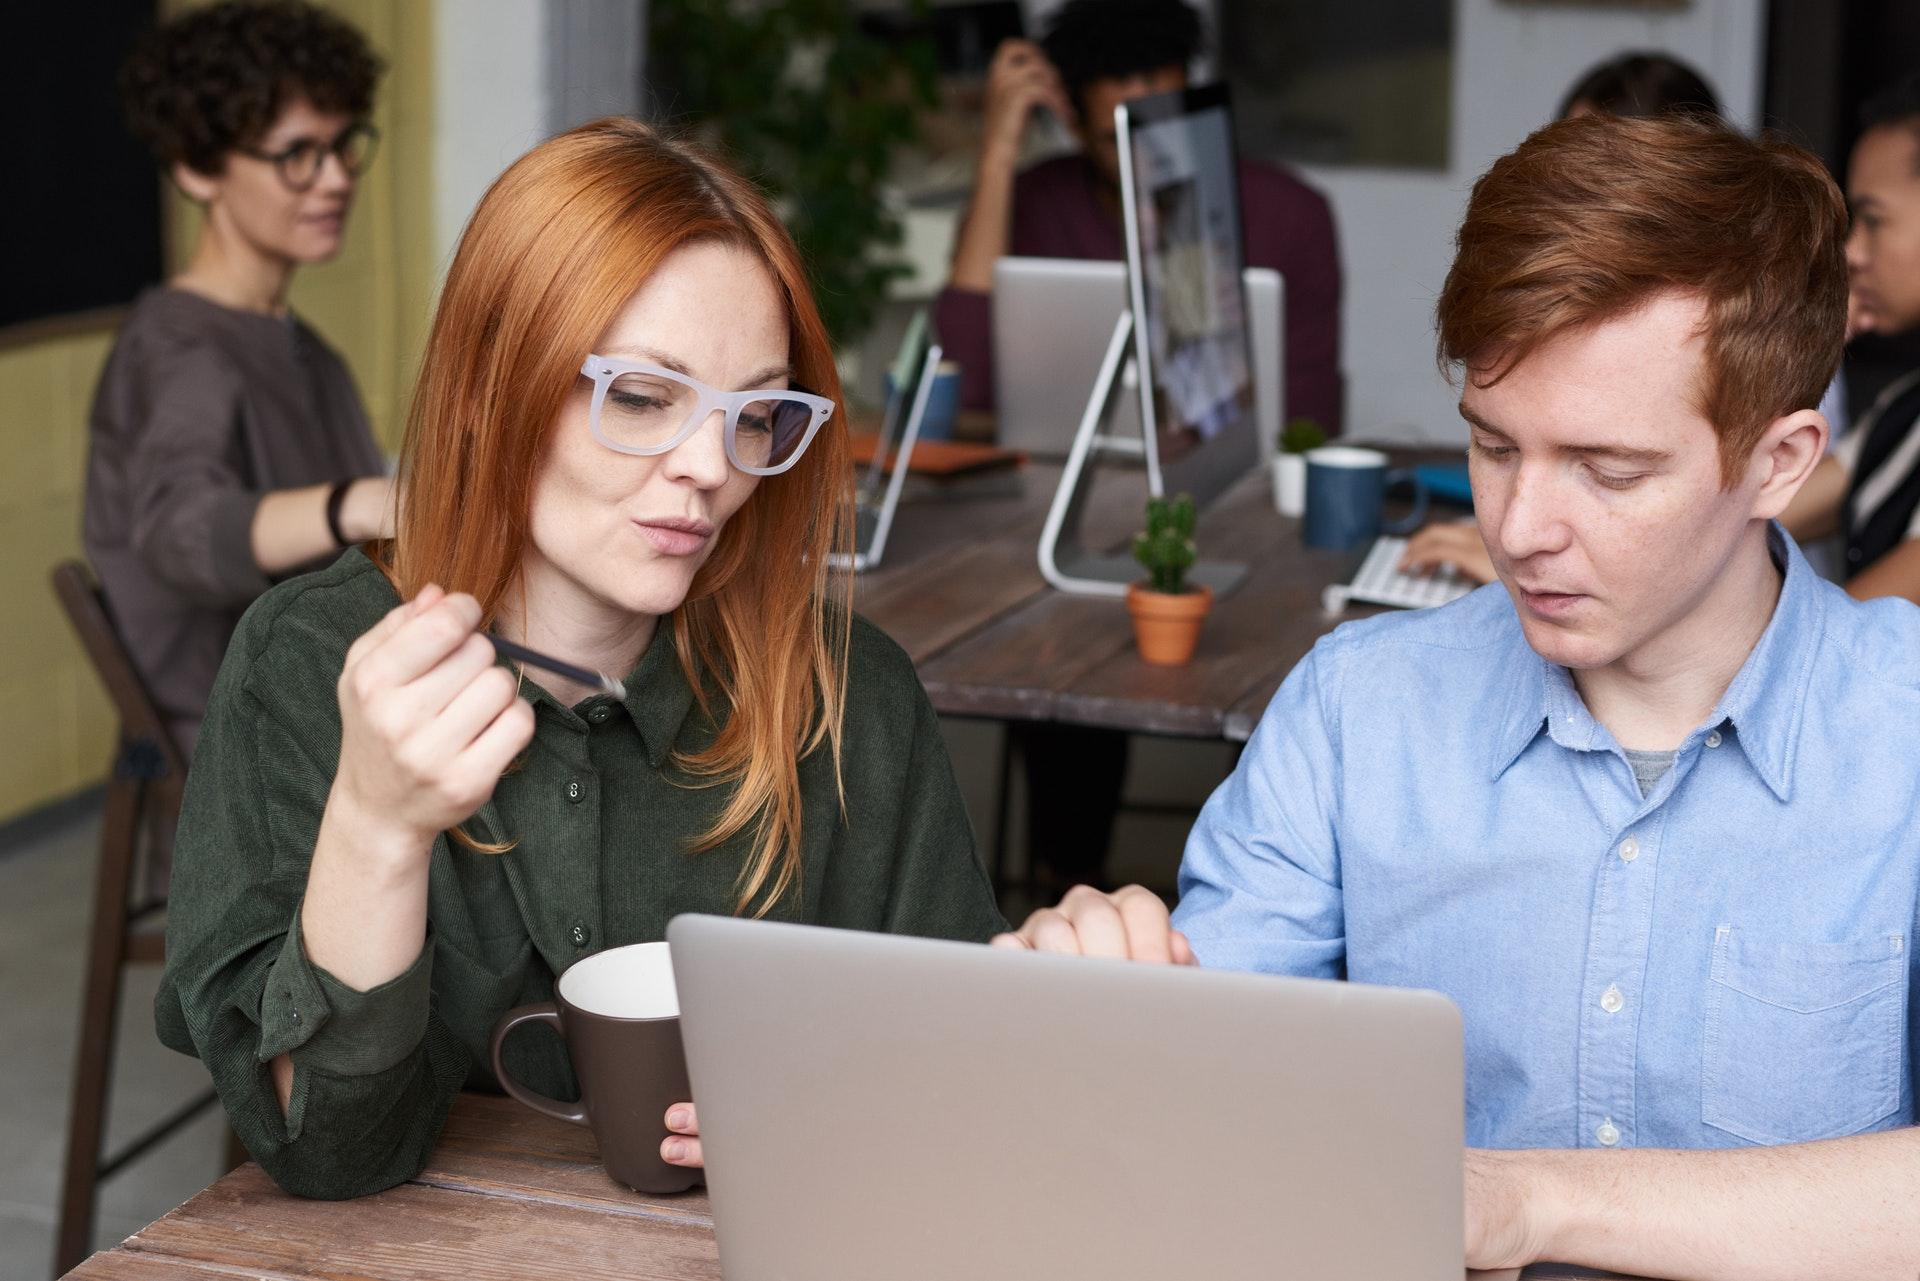 fauxels_pexels_photo-of-people-looking-on-laptop.jpg